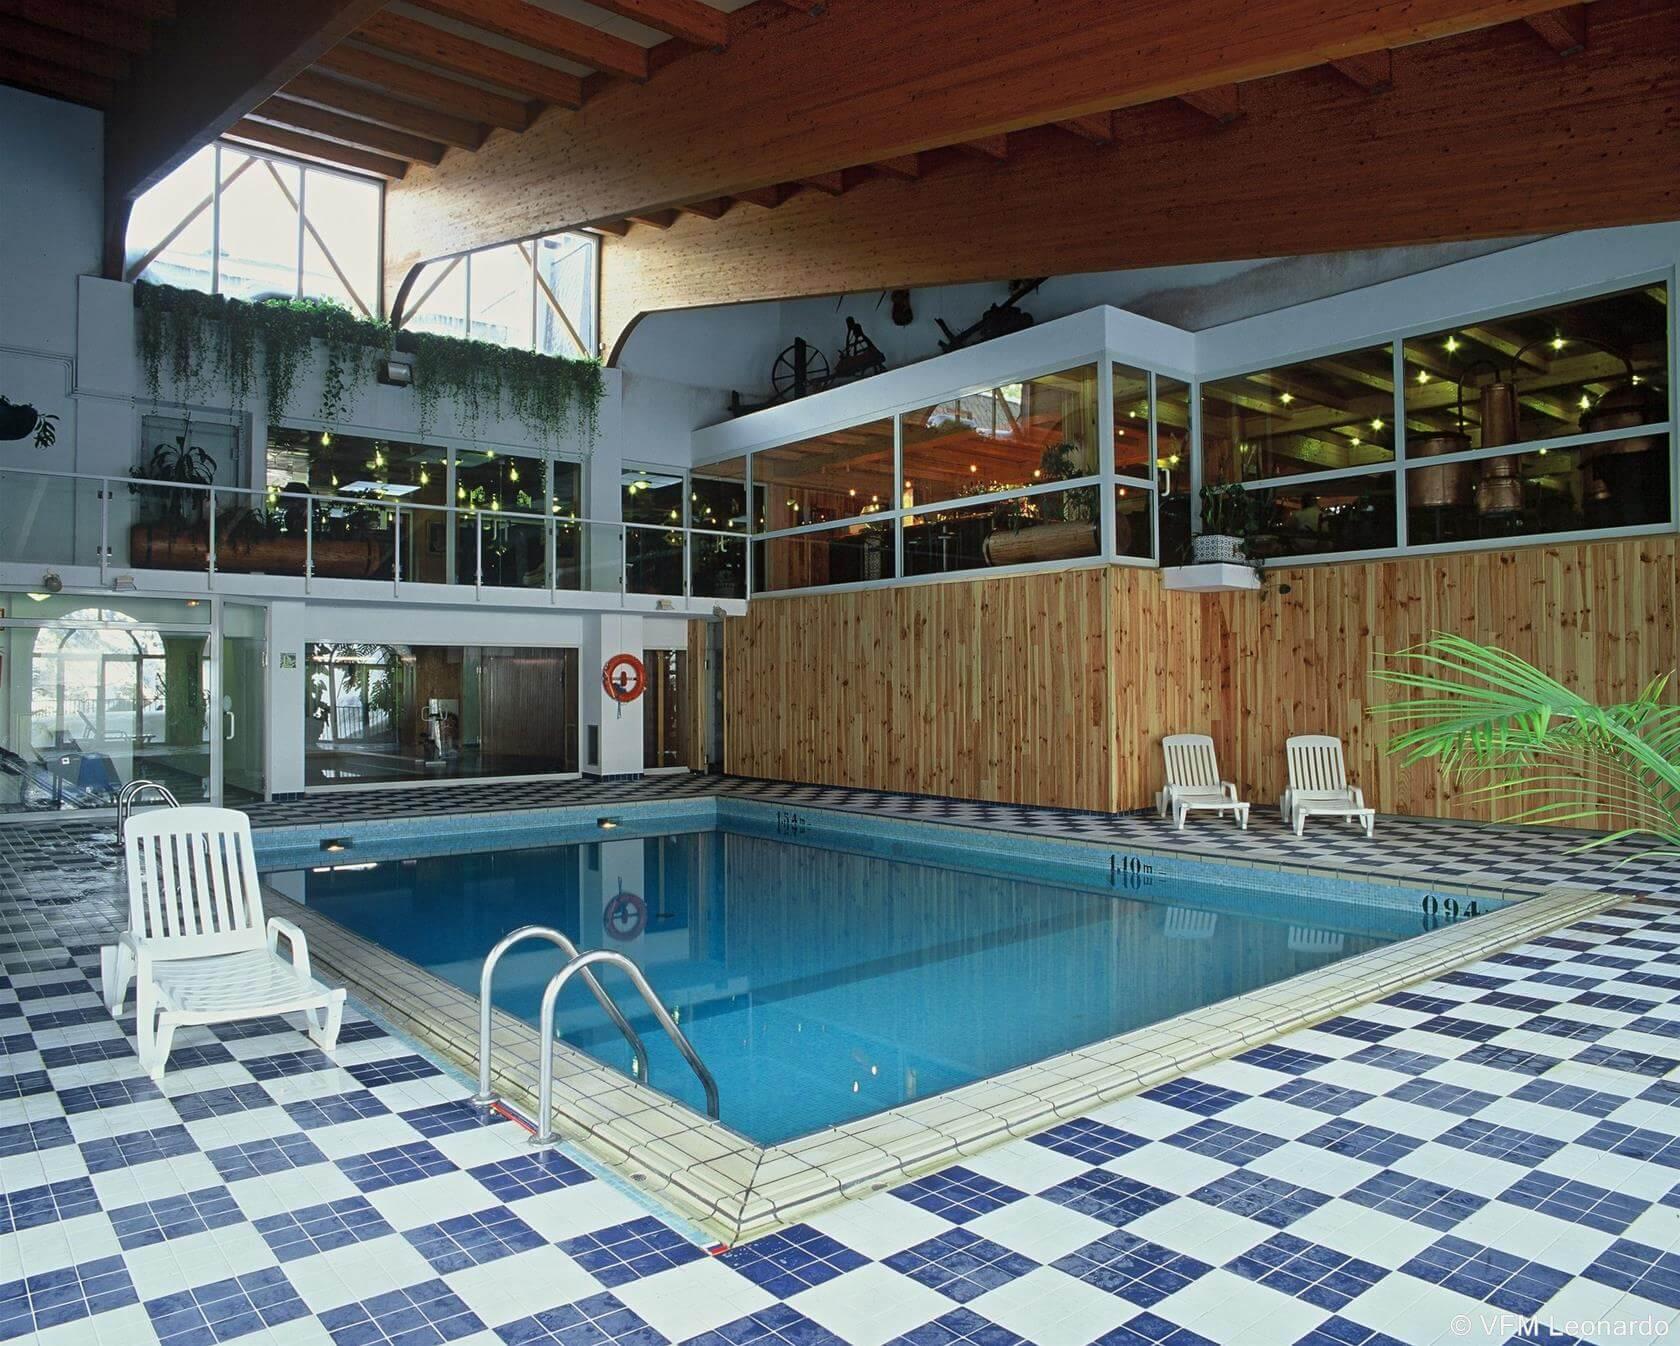 Hoteles en andorra con piscina climatizada for Hoteles con piscina